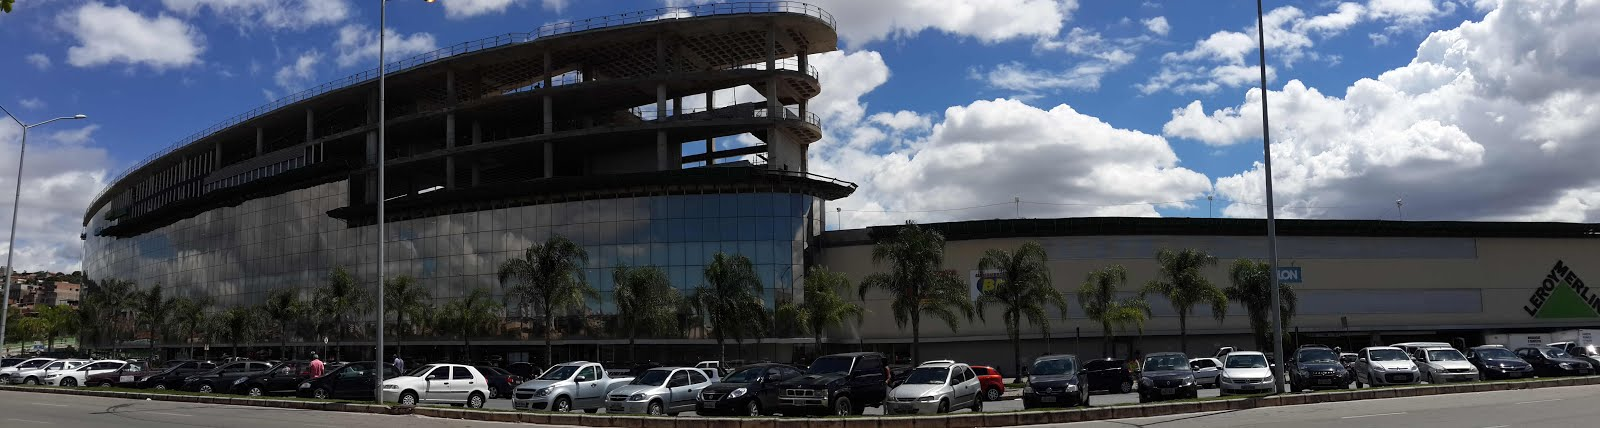 35cce928a Power Shopping Centerminas inaugura loja que oferece serviços ...